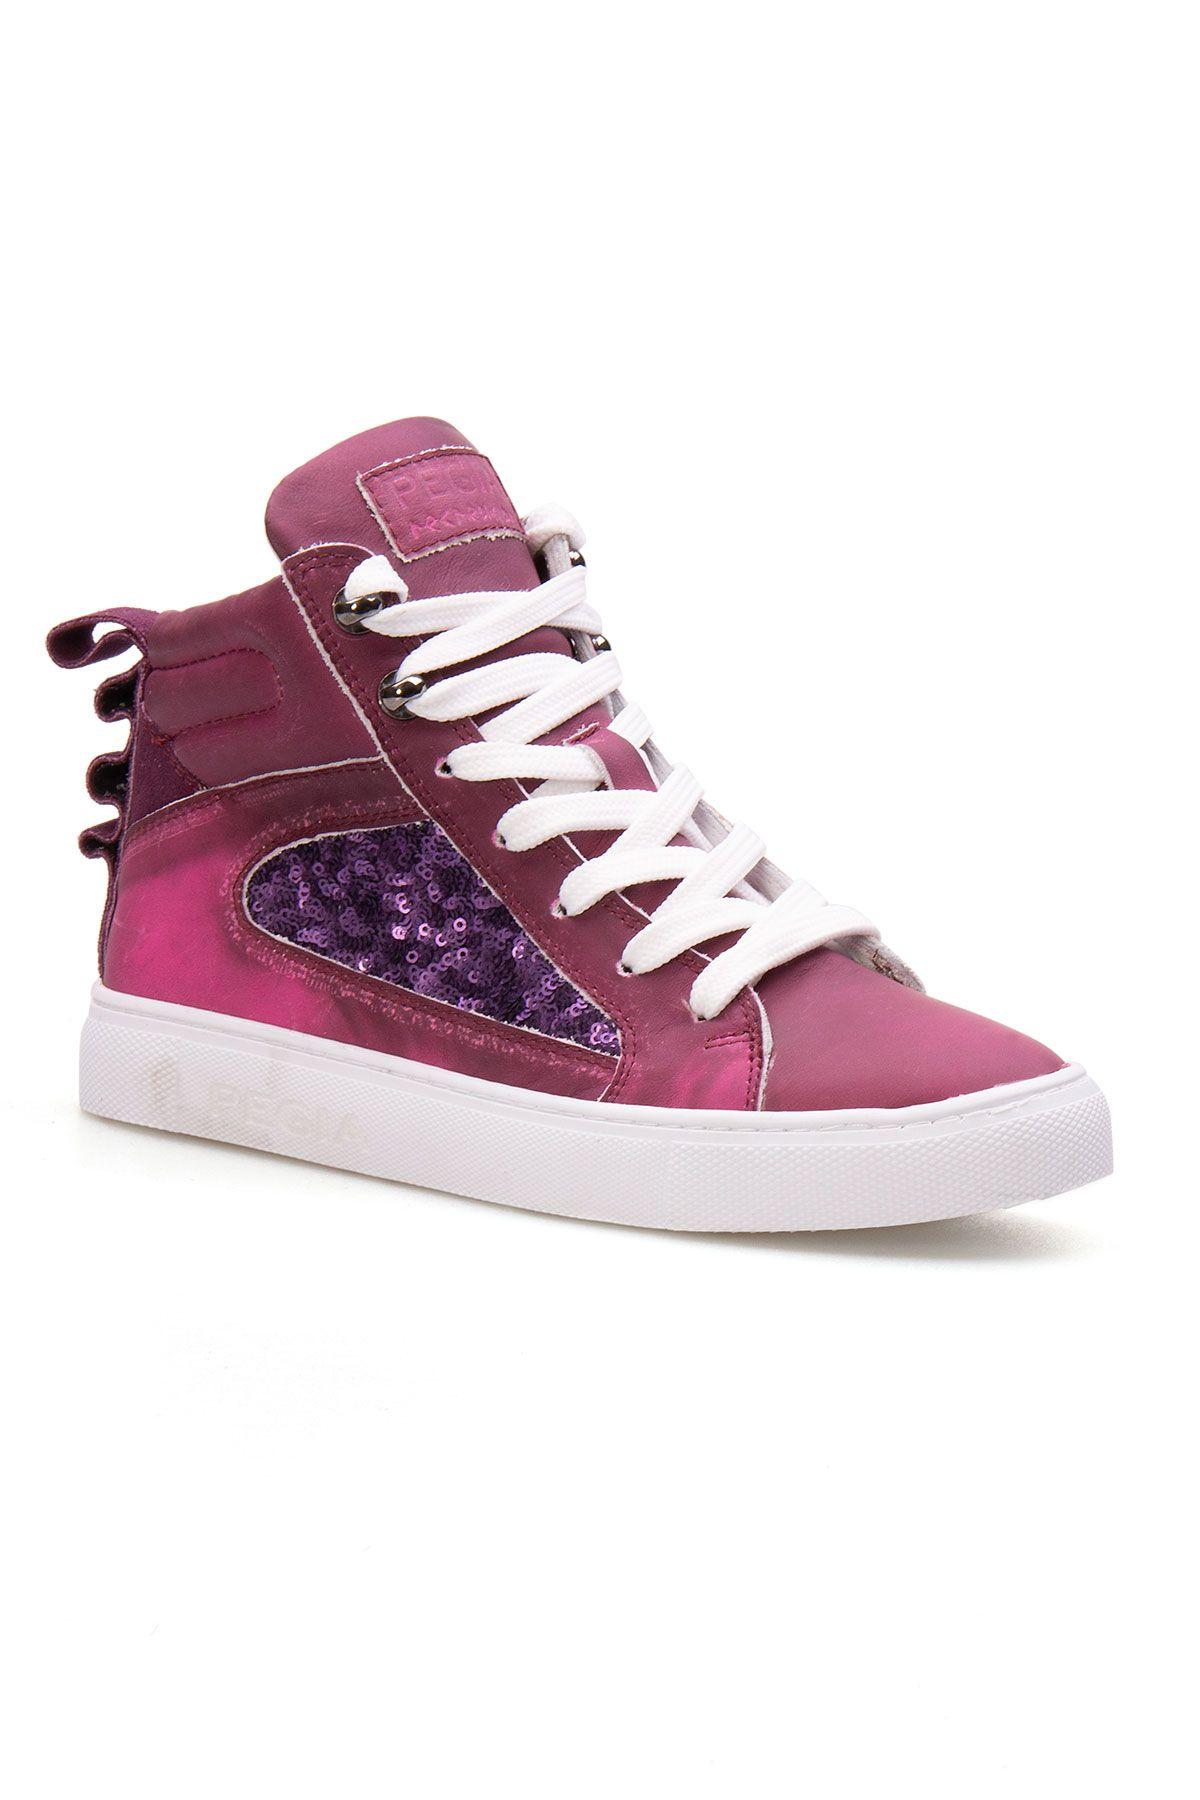 Pegia Genuine Leather Women's Sneaker LA1210 Purple